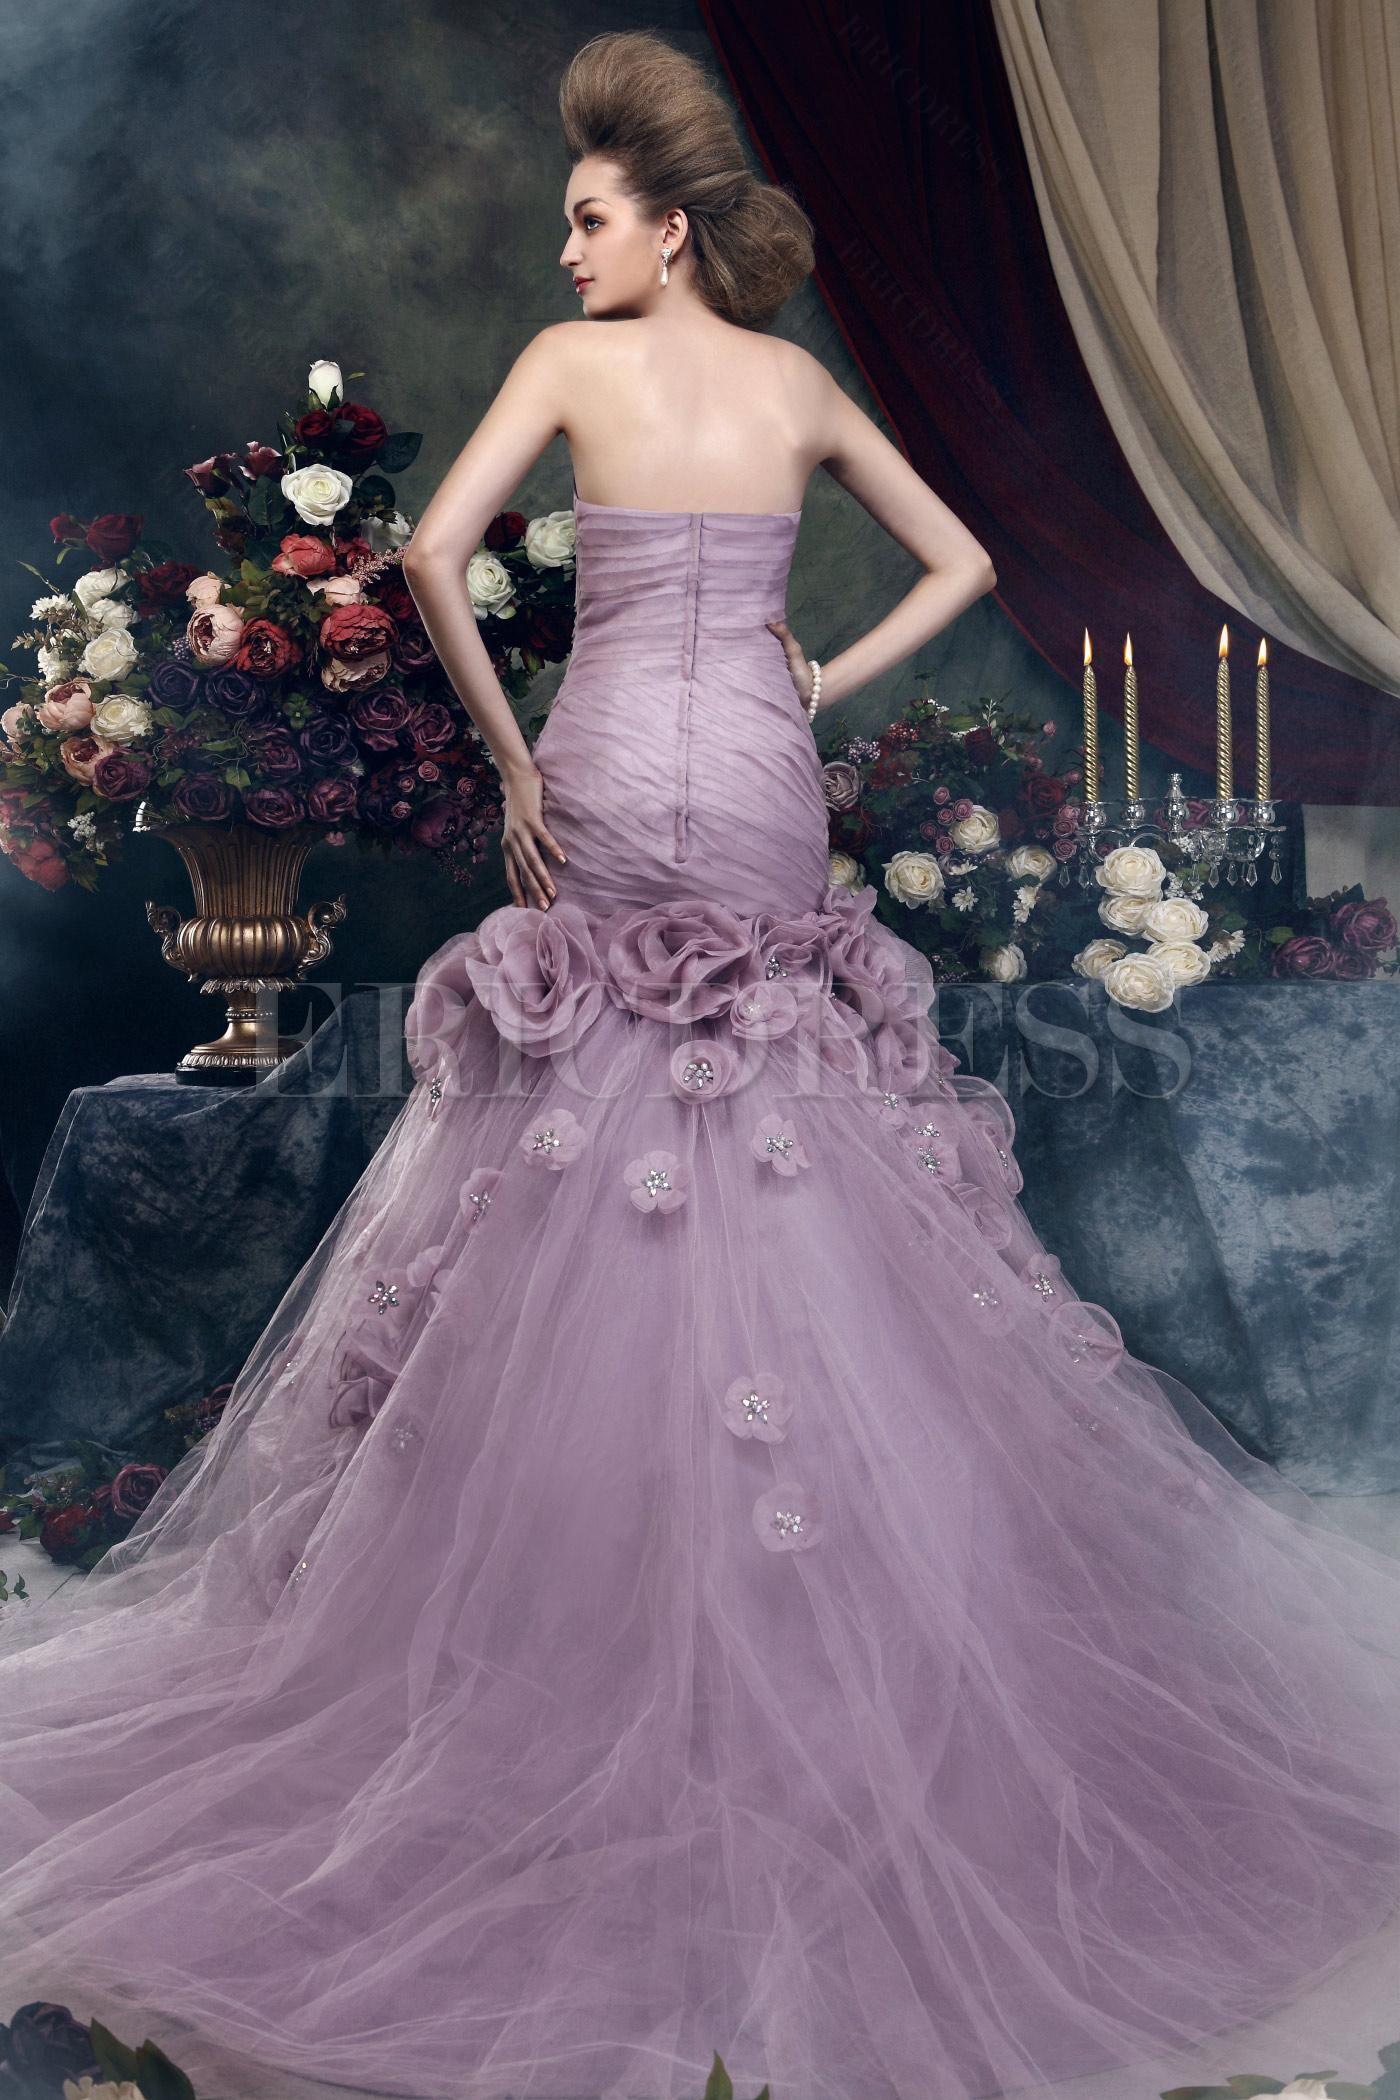 Purple Wedding Dress Meaning Purple Wedding Dress Mother Of The Bride Gown Mother Of The Bride Dresses [ 1205 x 800 Pixel ]